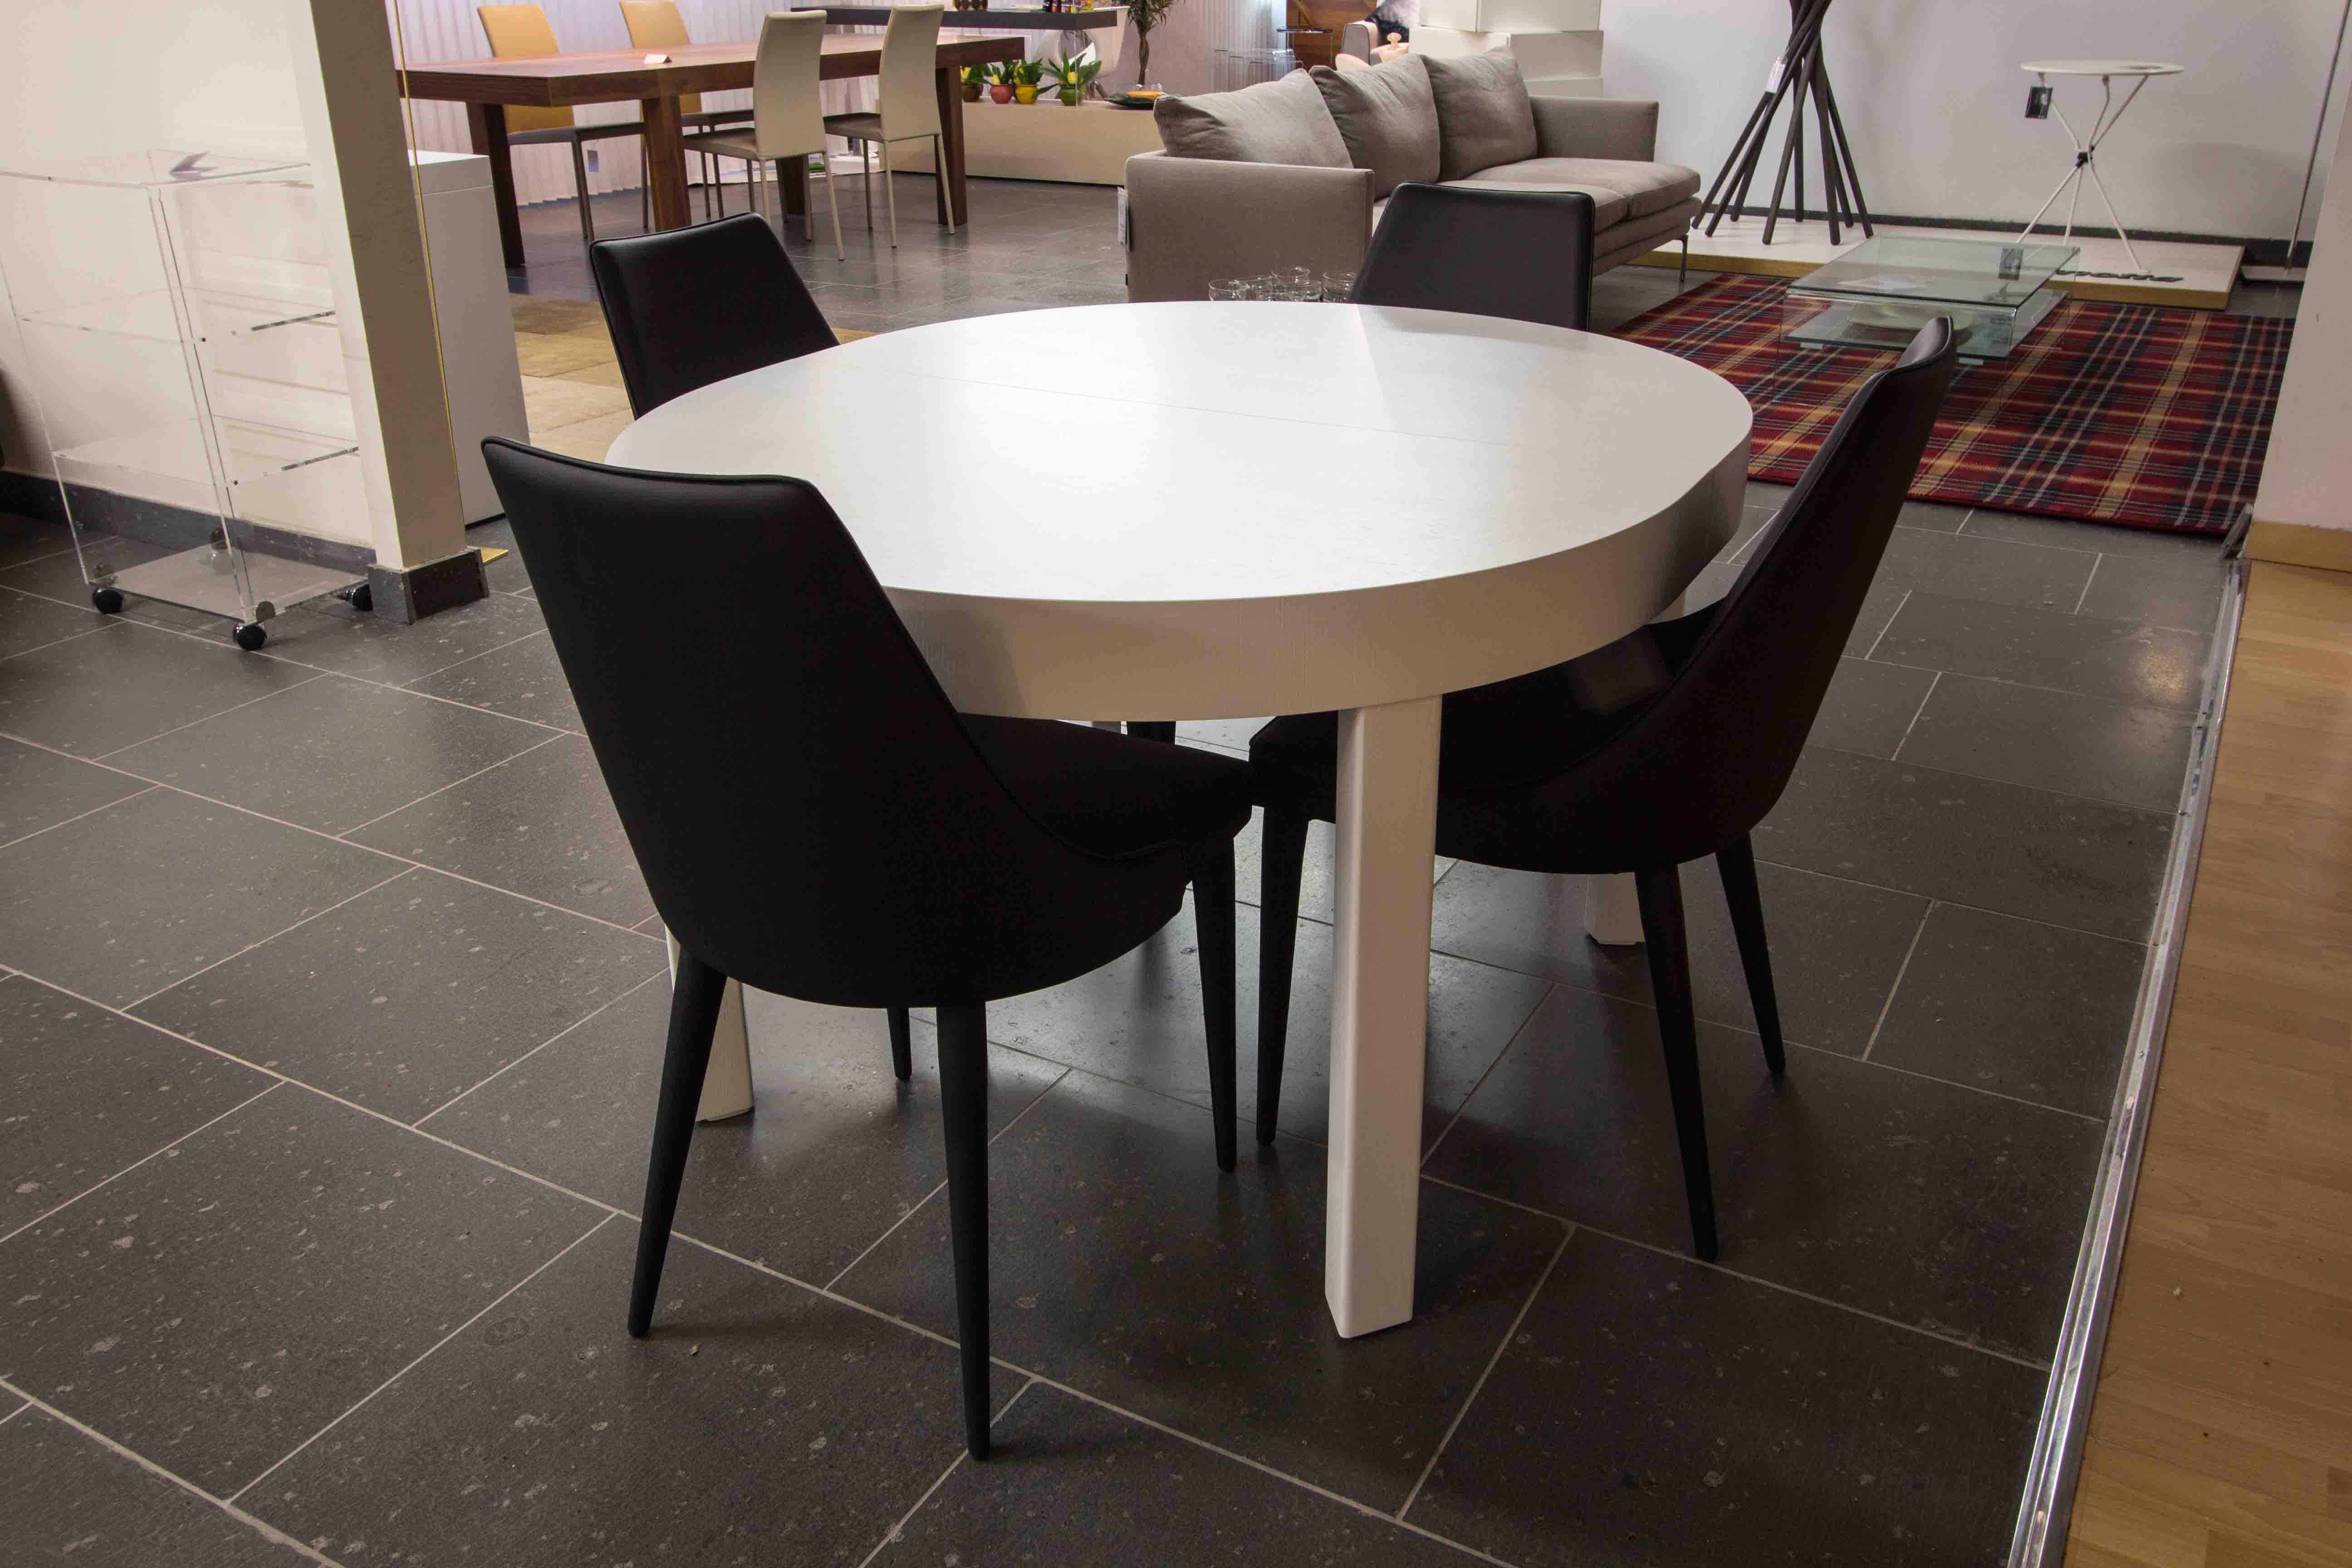 tavolo zed riflessi prezzo - 28 images - tavolo zed di riflessi ...